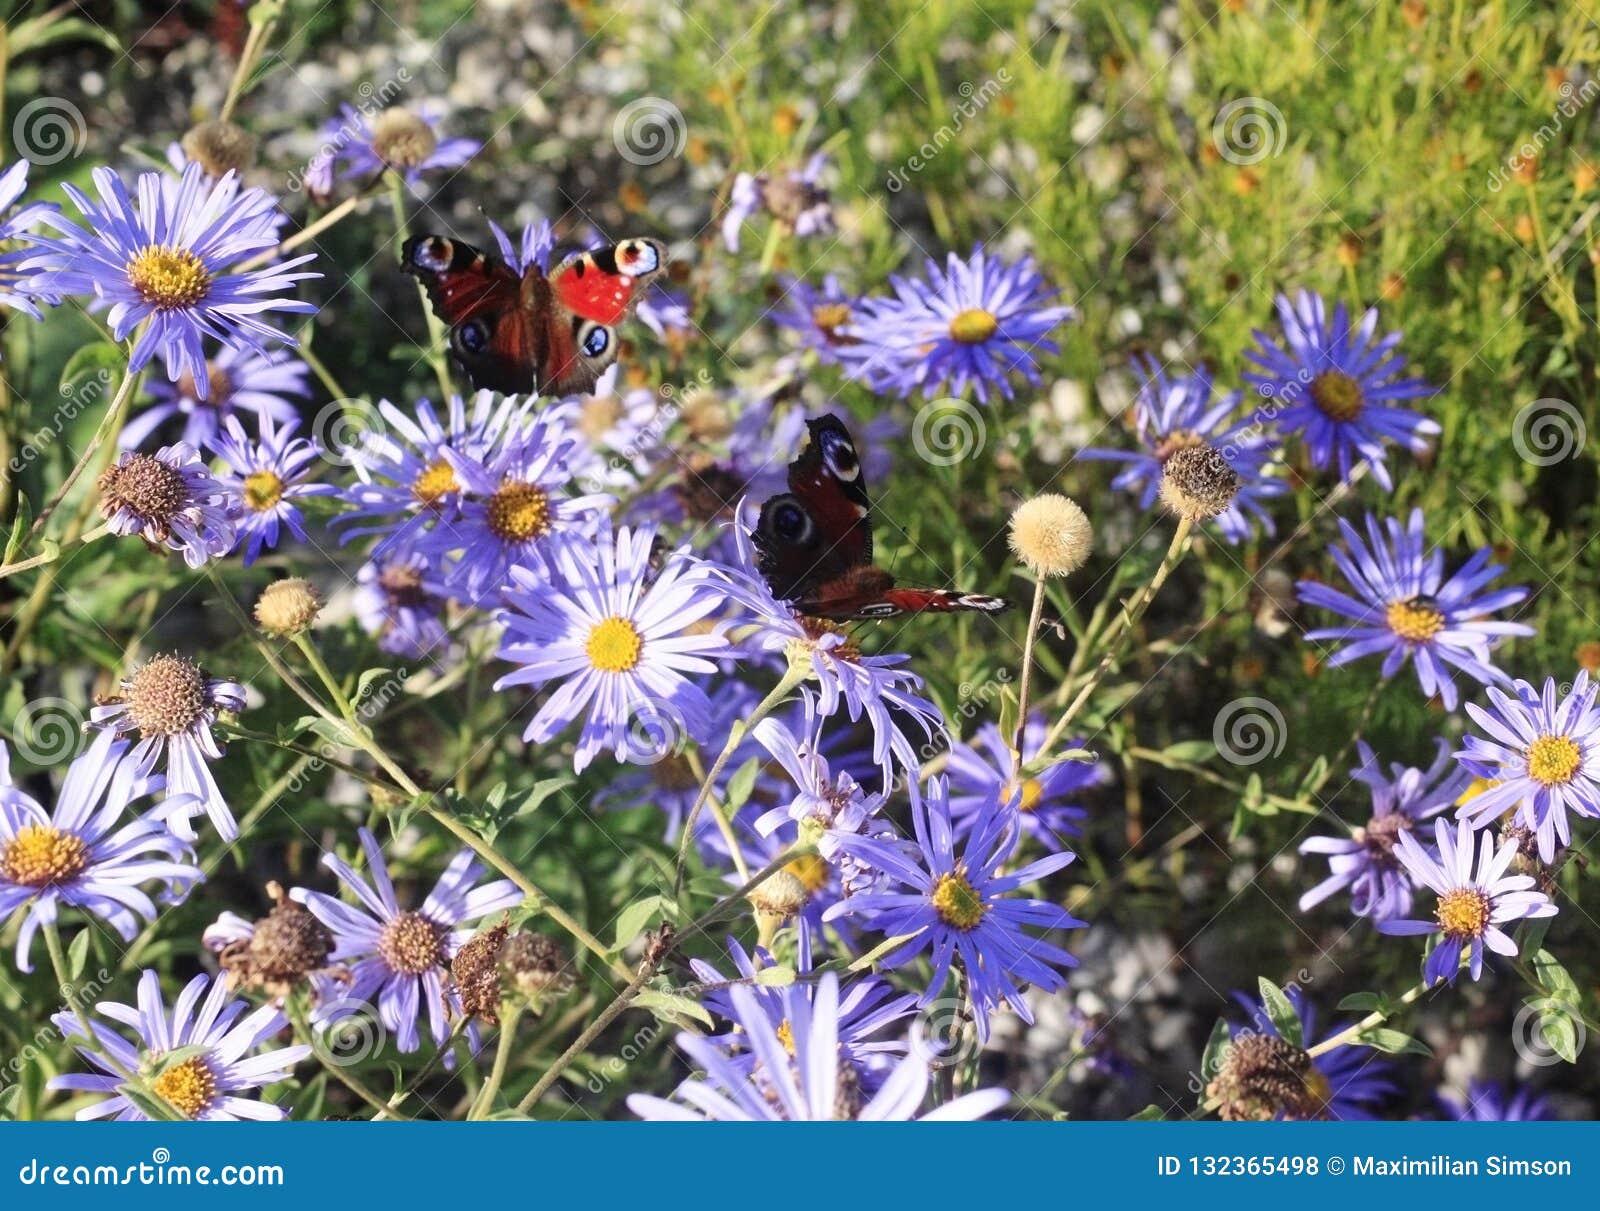 Schöne Schmetterlinge, die auf Blumenknospen in einer bunten Wiese im Sommer sitzen und einziehen